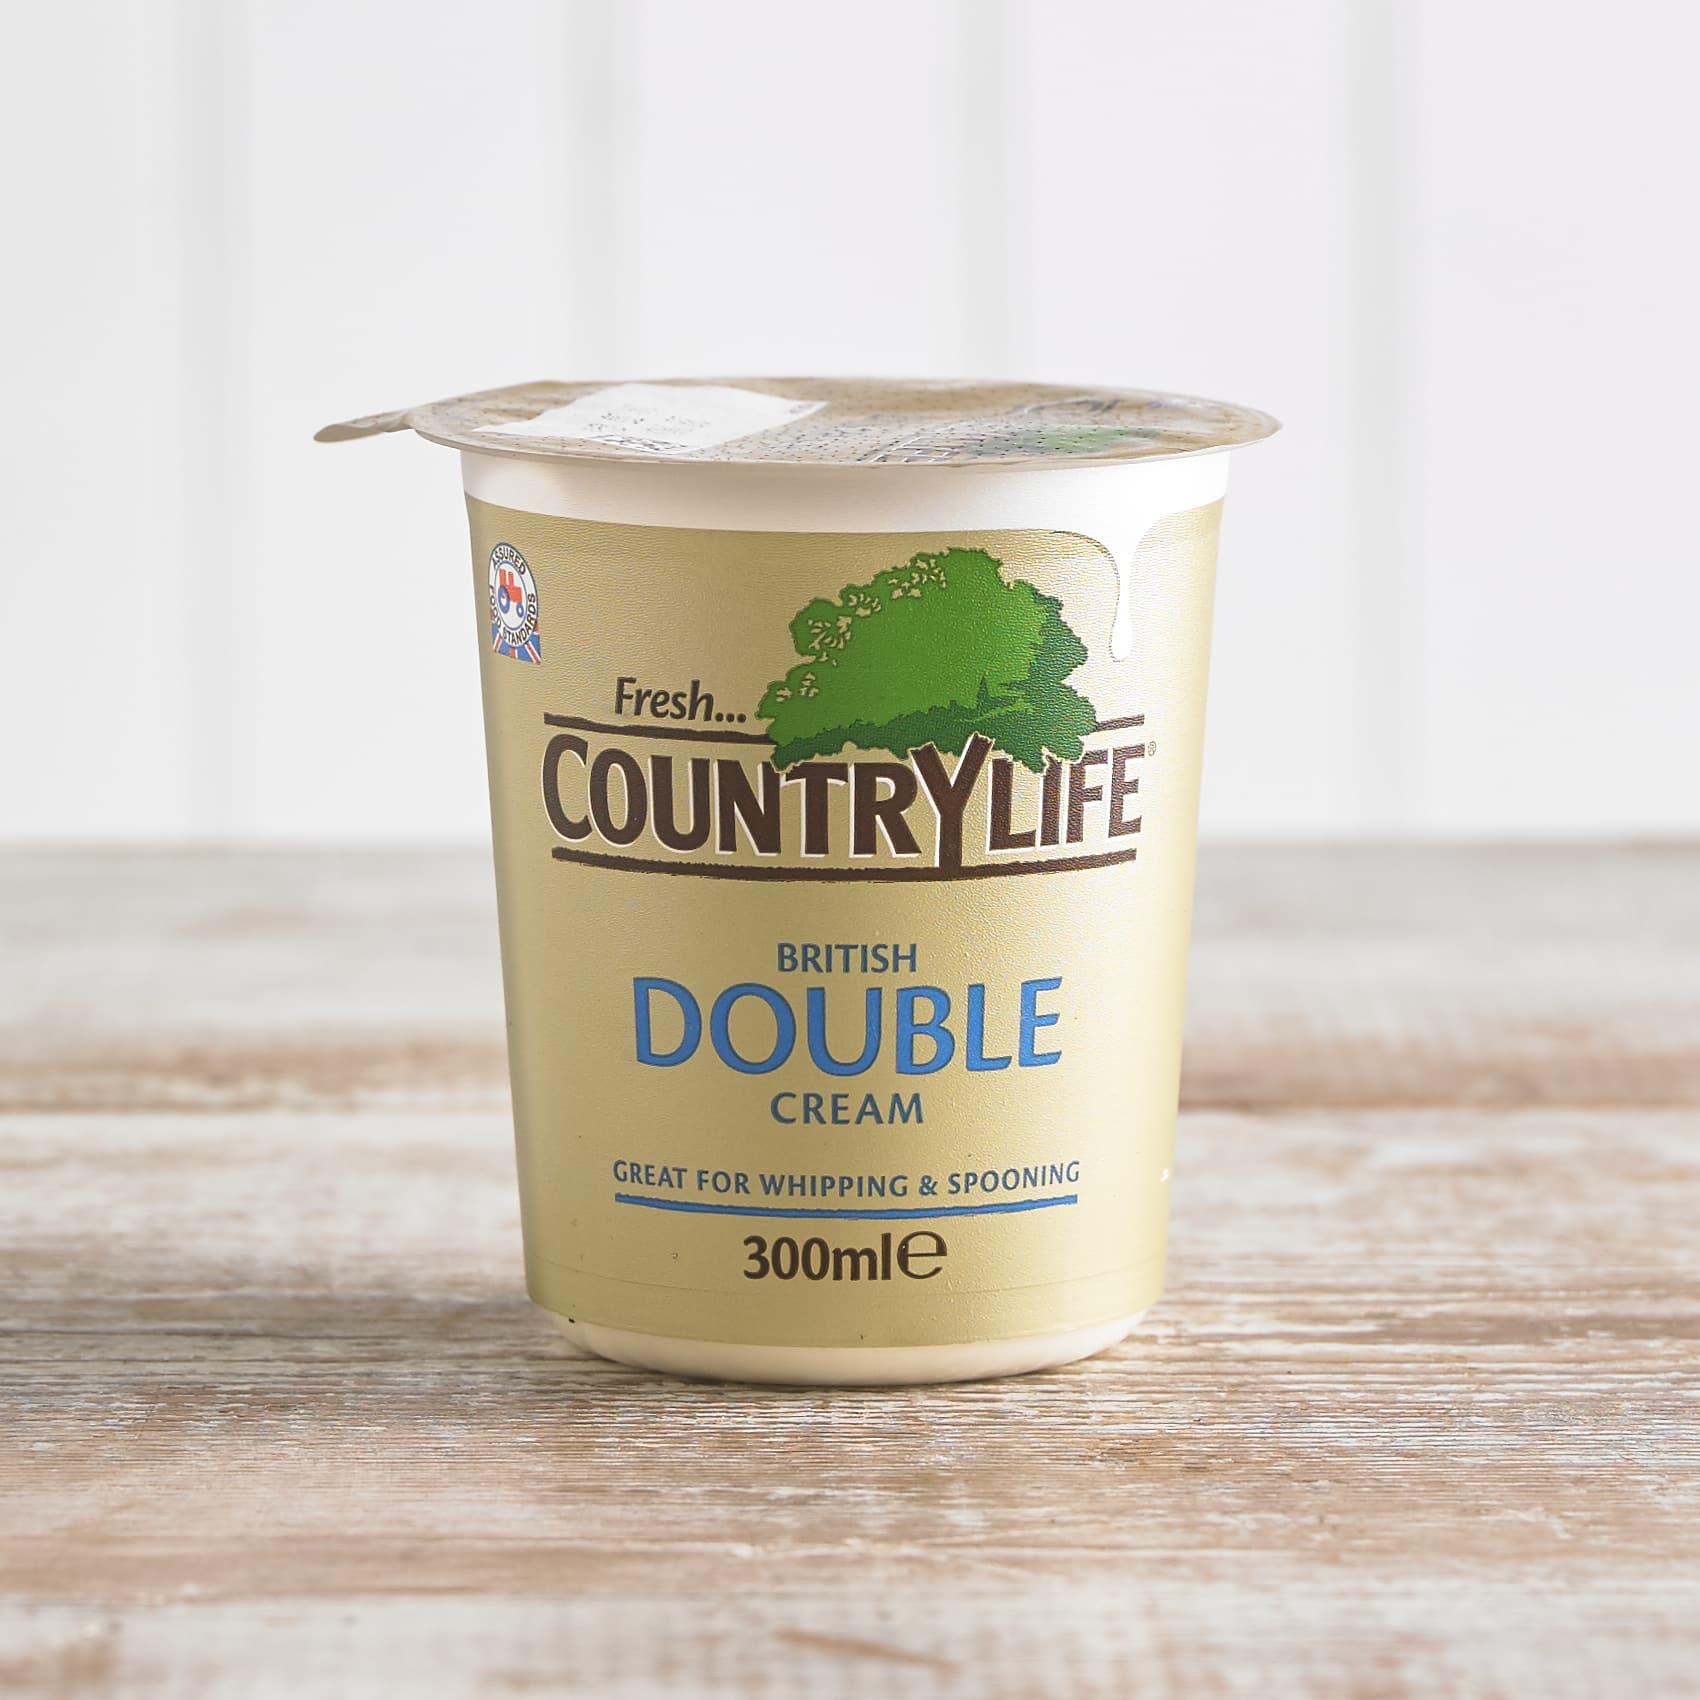 Country Life Double Cream, 300ml